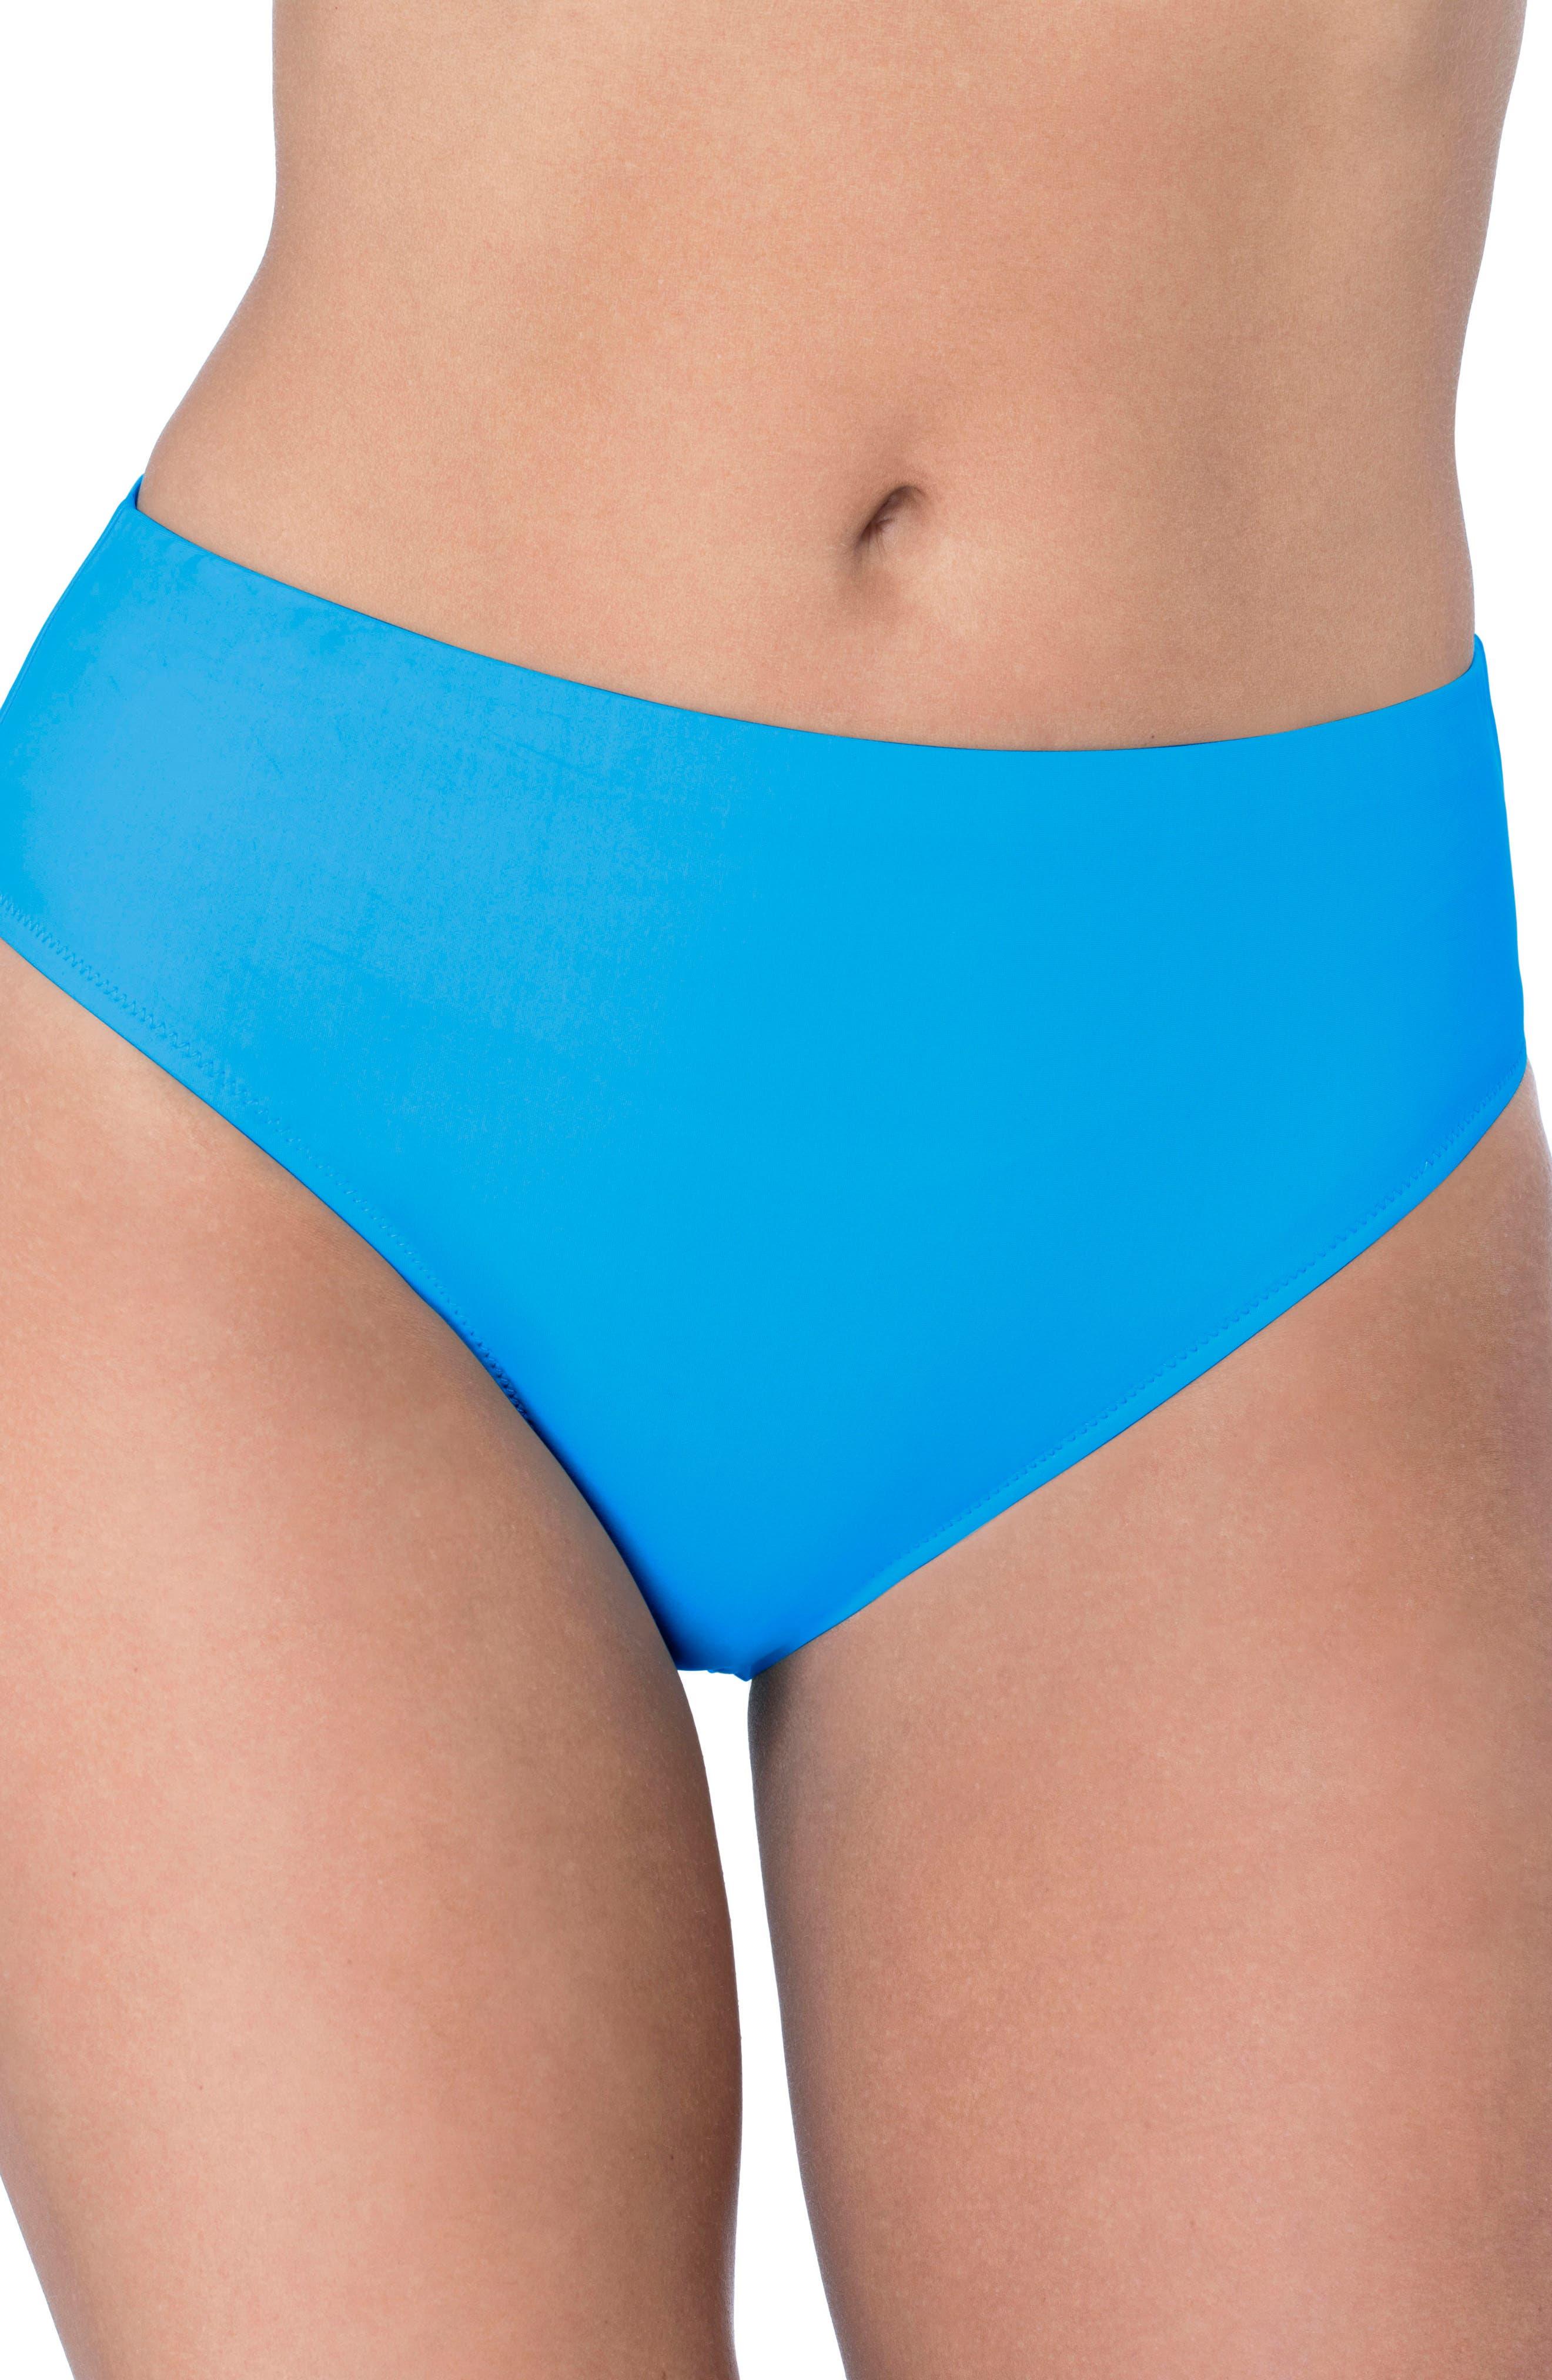 Hipster Bikini Bottoms,                         Main,                         color, 403